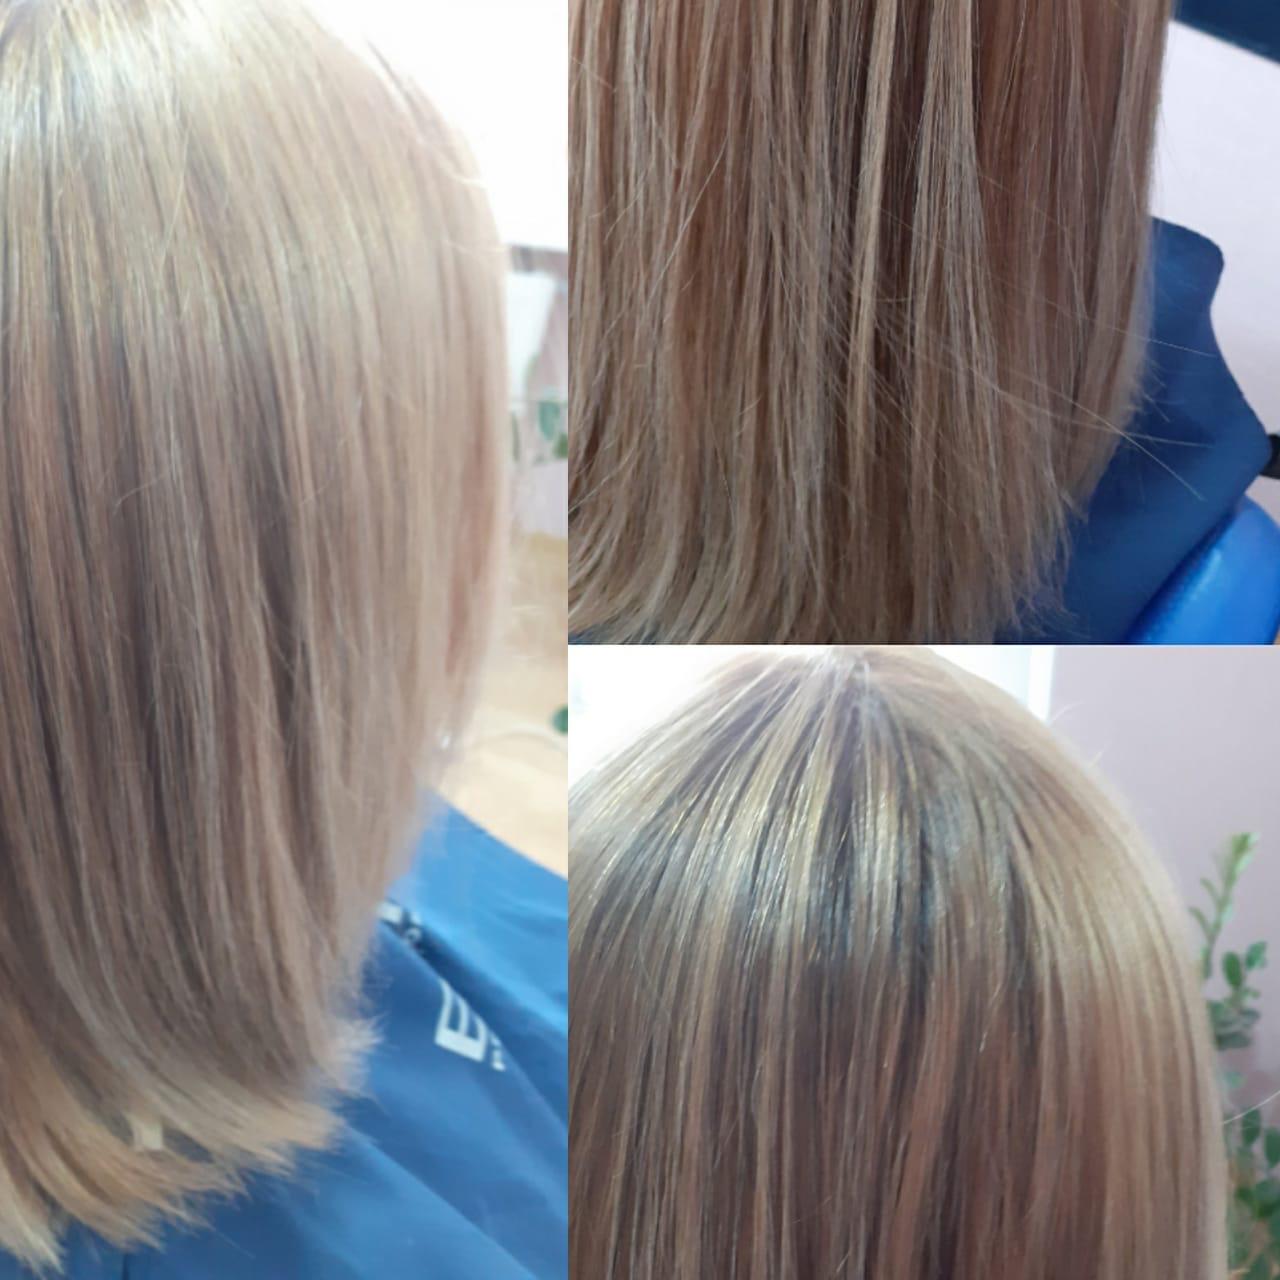 Сложные виды окрашивания волос в парикмахерской На Речной, Красногорск, на фото окрашивание с эффектом выгоревших волос, работа мастера салона